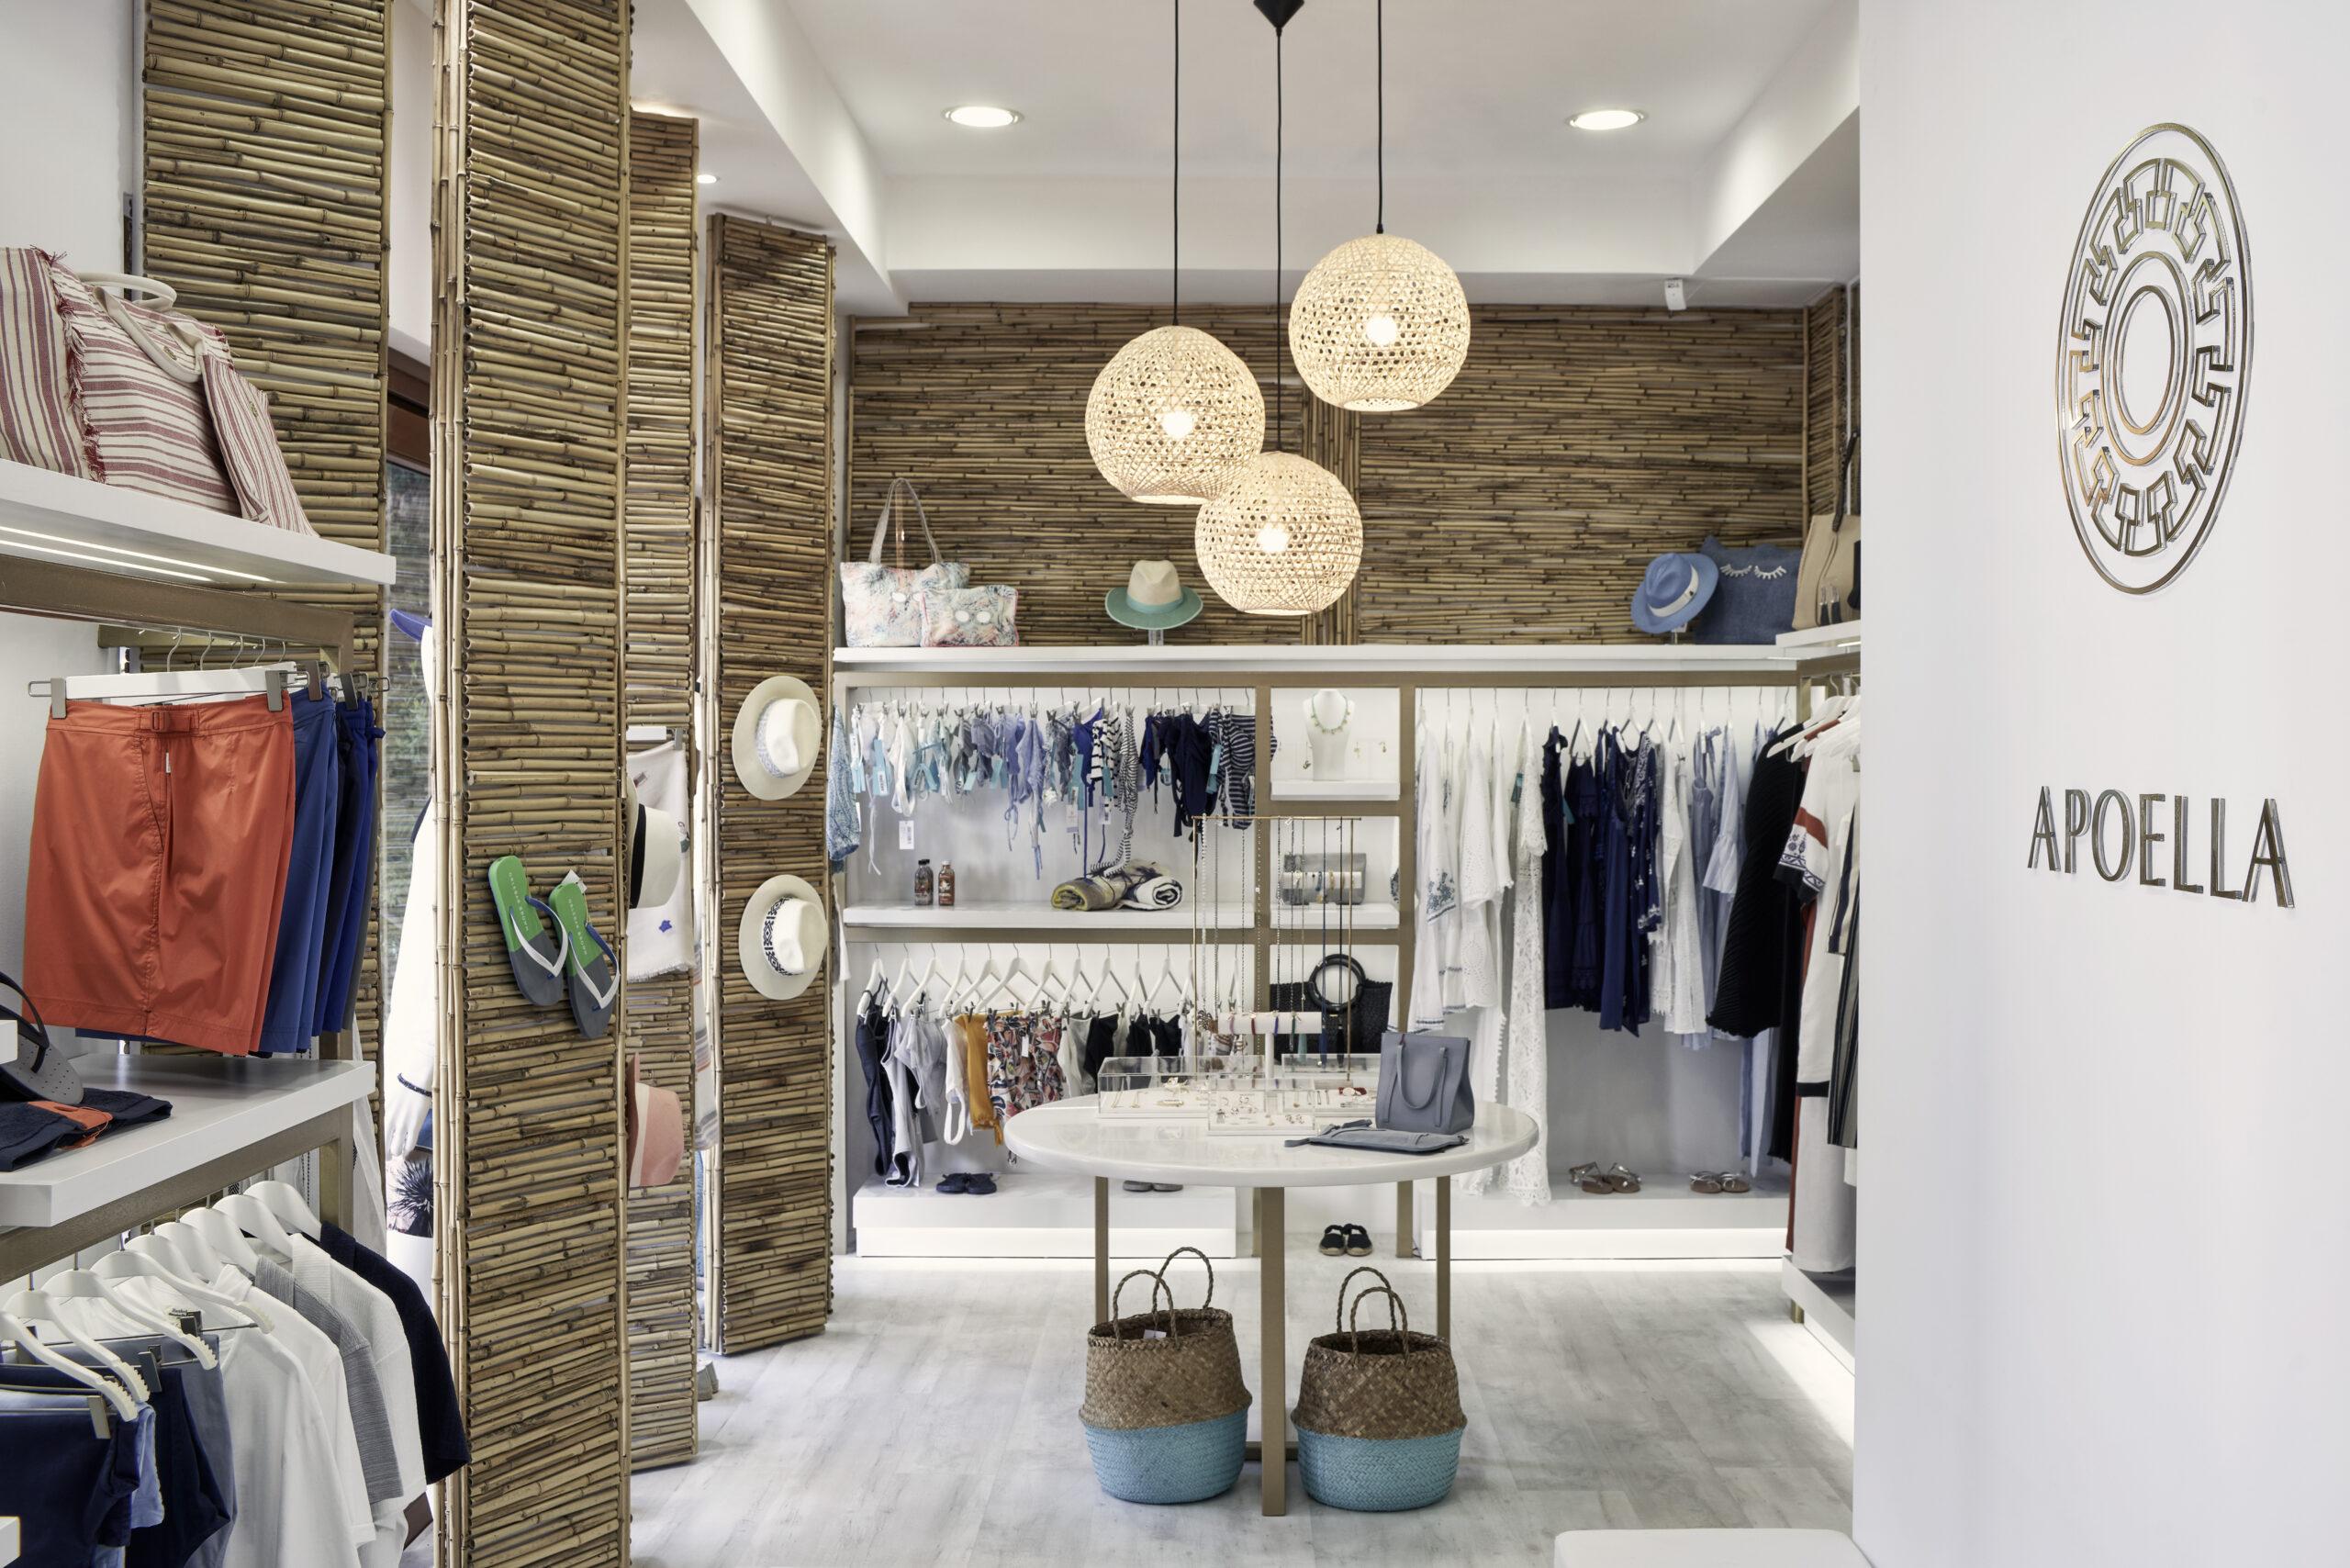 Apoella Concept Store